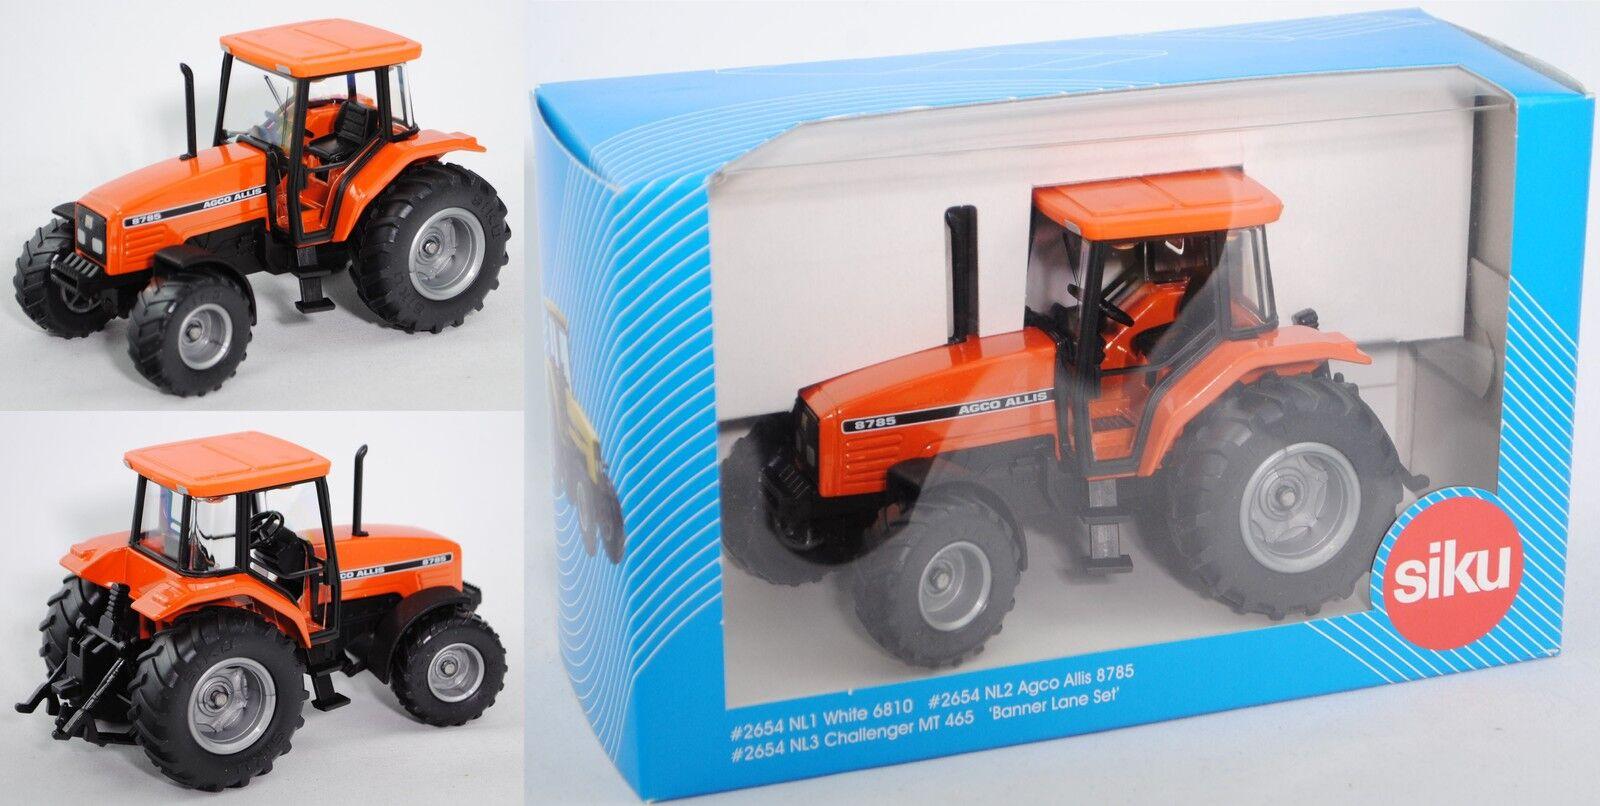 SIKU FARMER 2654 2654 2654 00302 AGCO ALLIS 8785 tracteur, 1:32, publicité Boîte, limitée da5d55